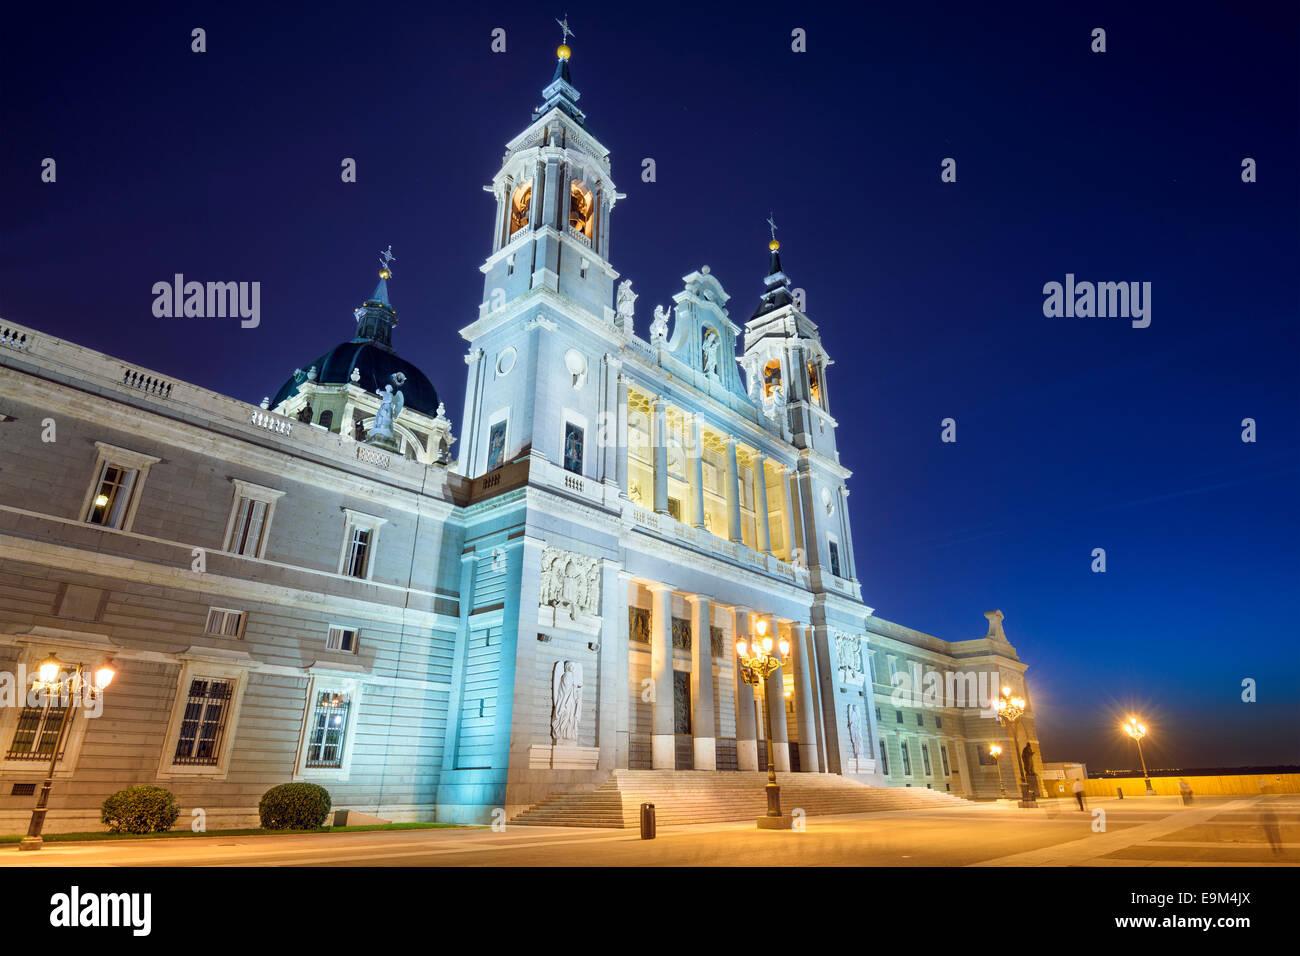 Madrid, Spagna presso la cattedrale di Almudena di notte. Immagini Stock